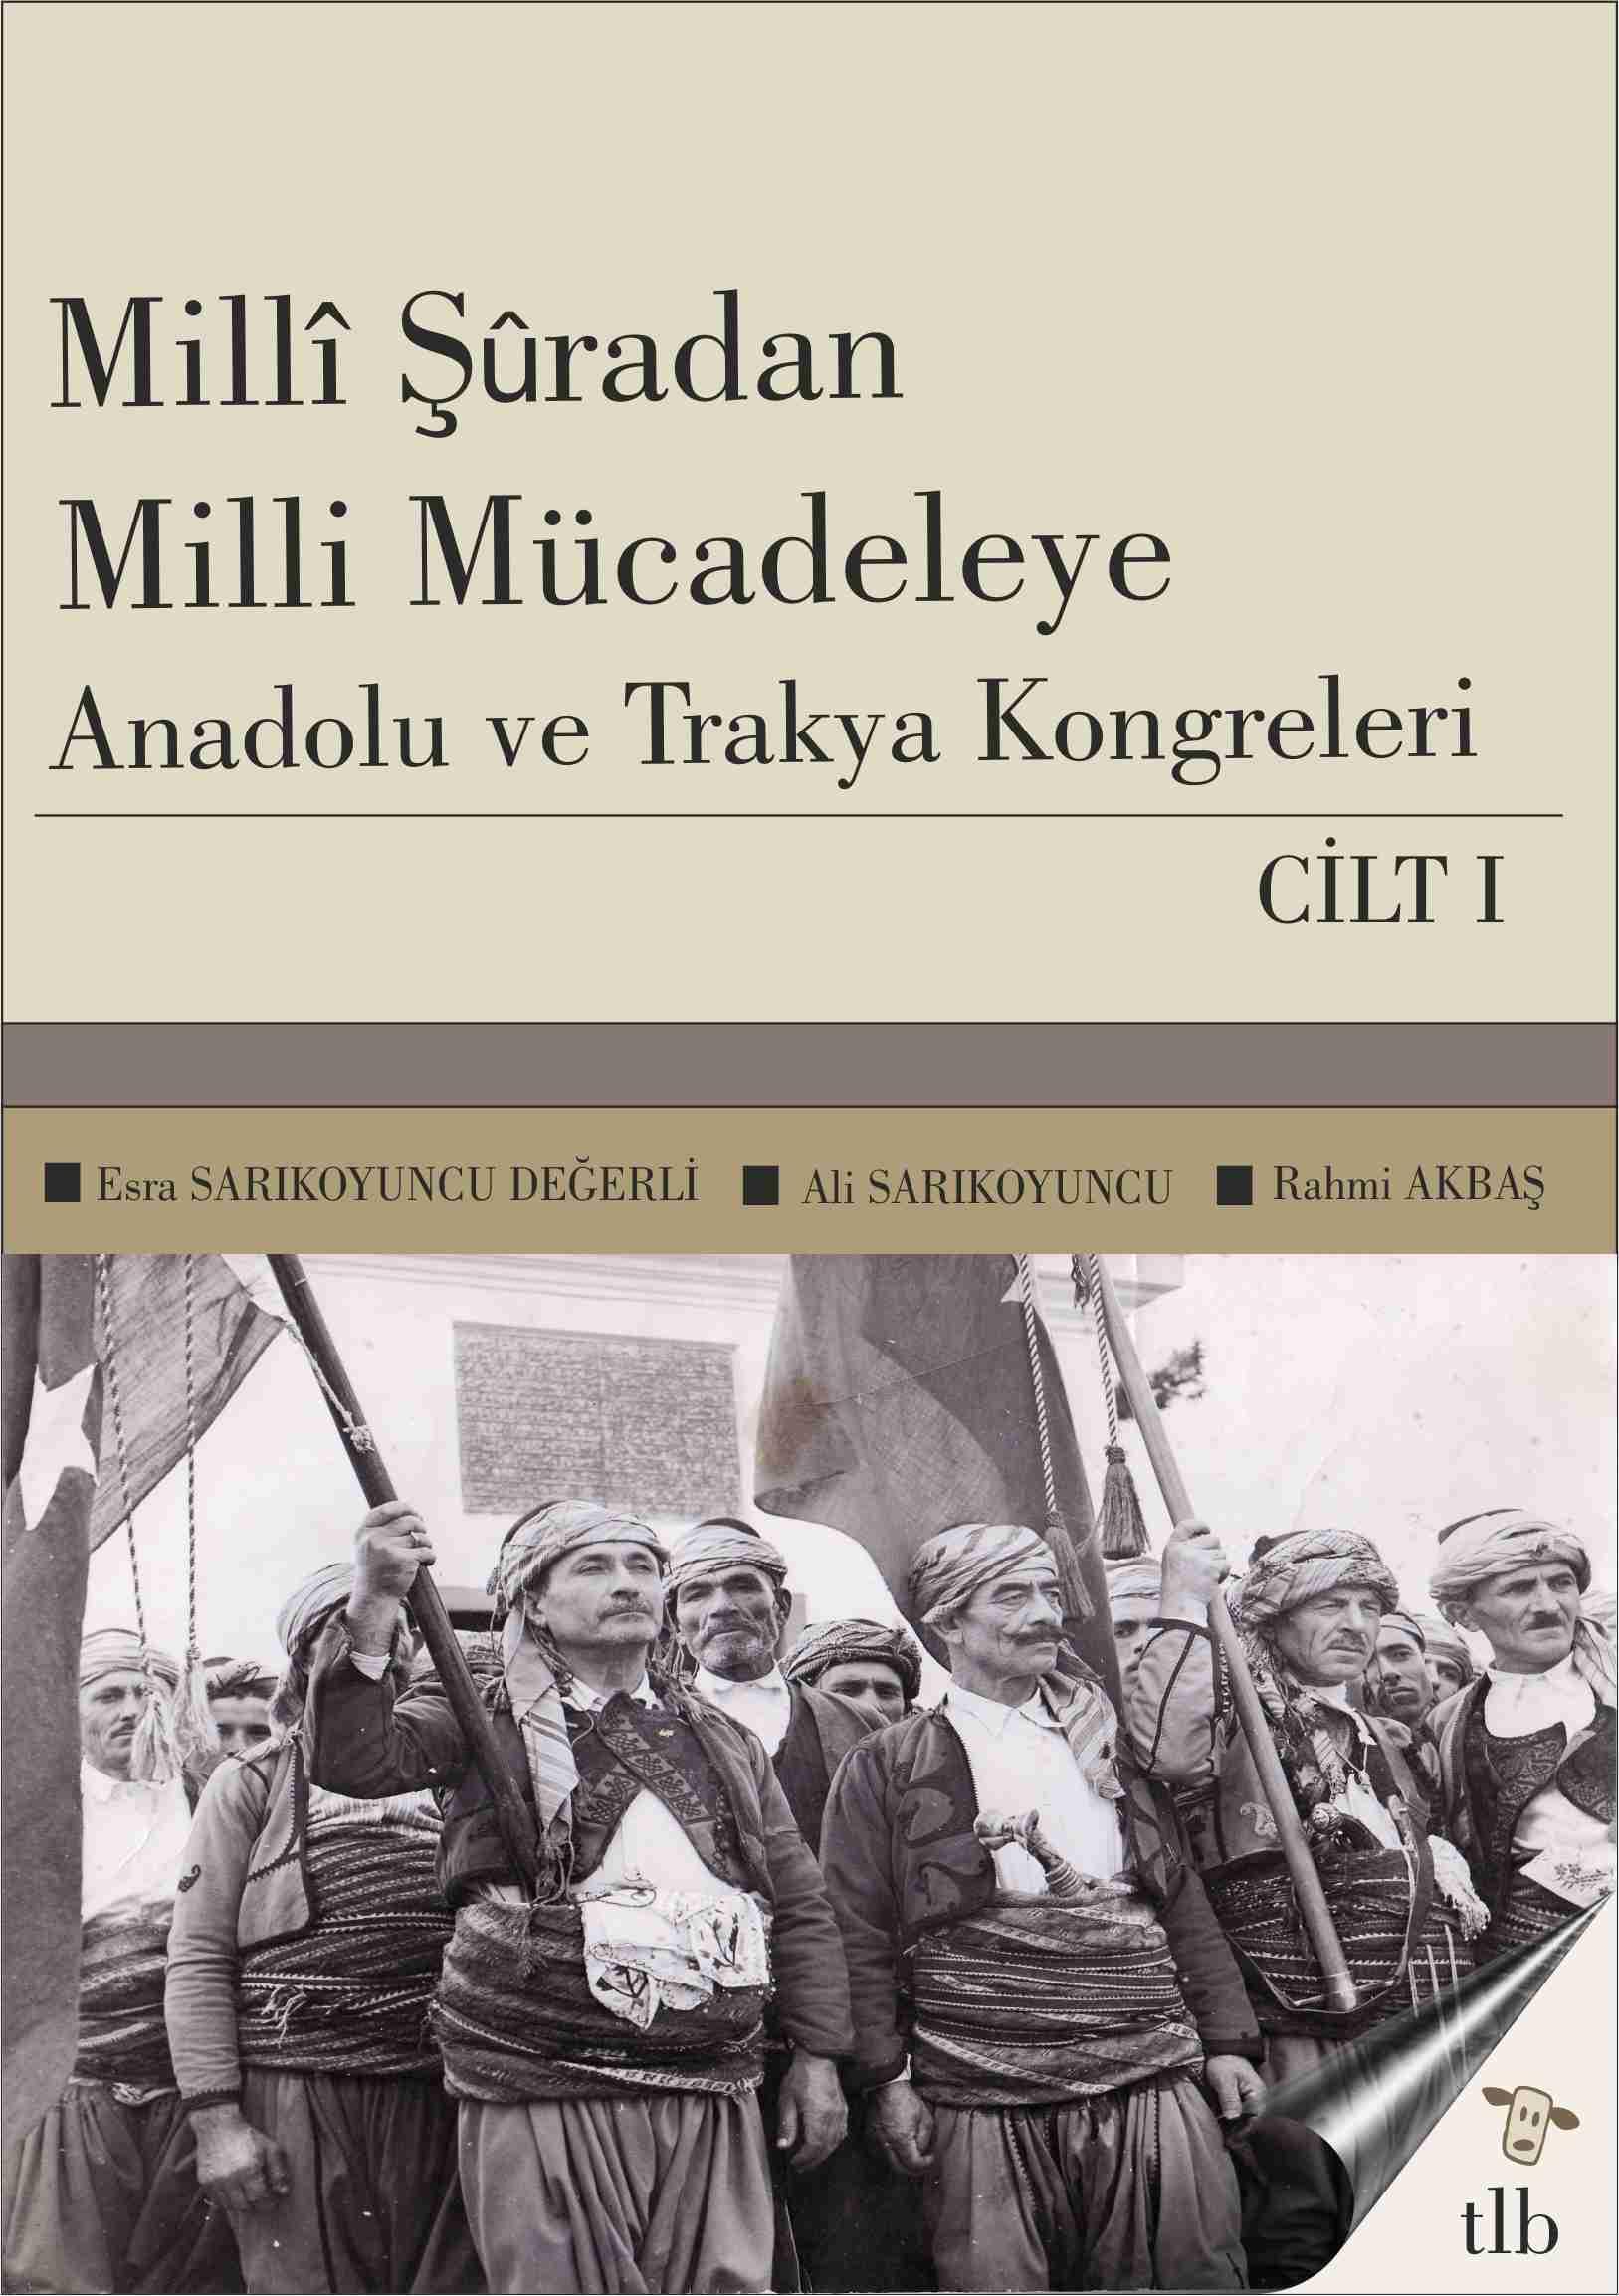 Milli Şura'dan Milli Mücadeleye: Anadolu ve Trakya Kongreleri 1. Cilt